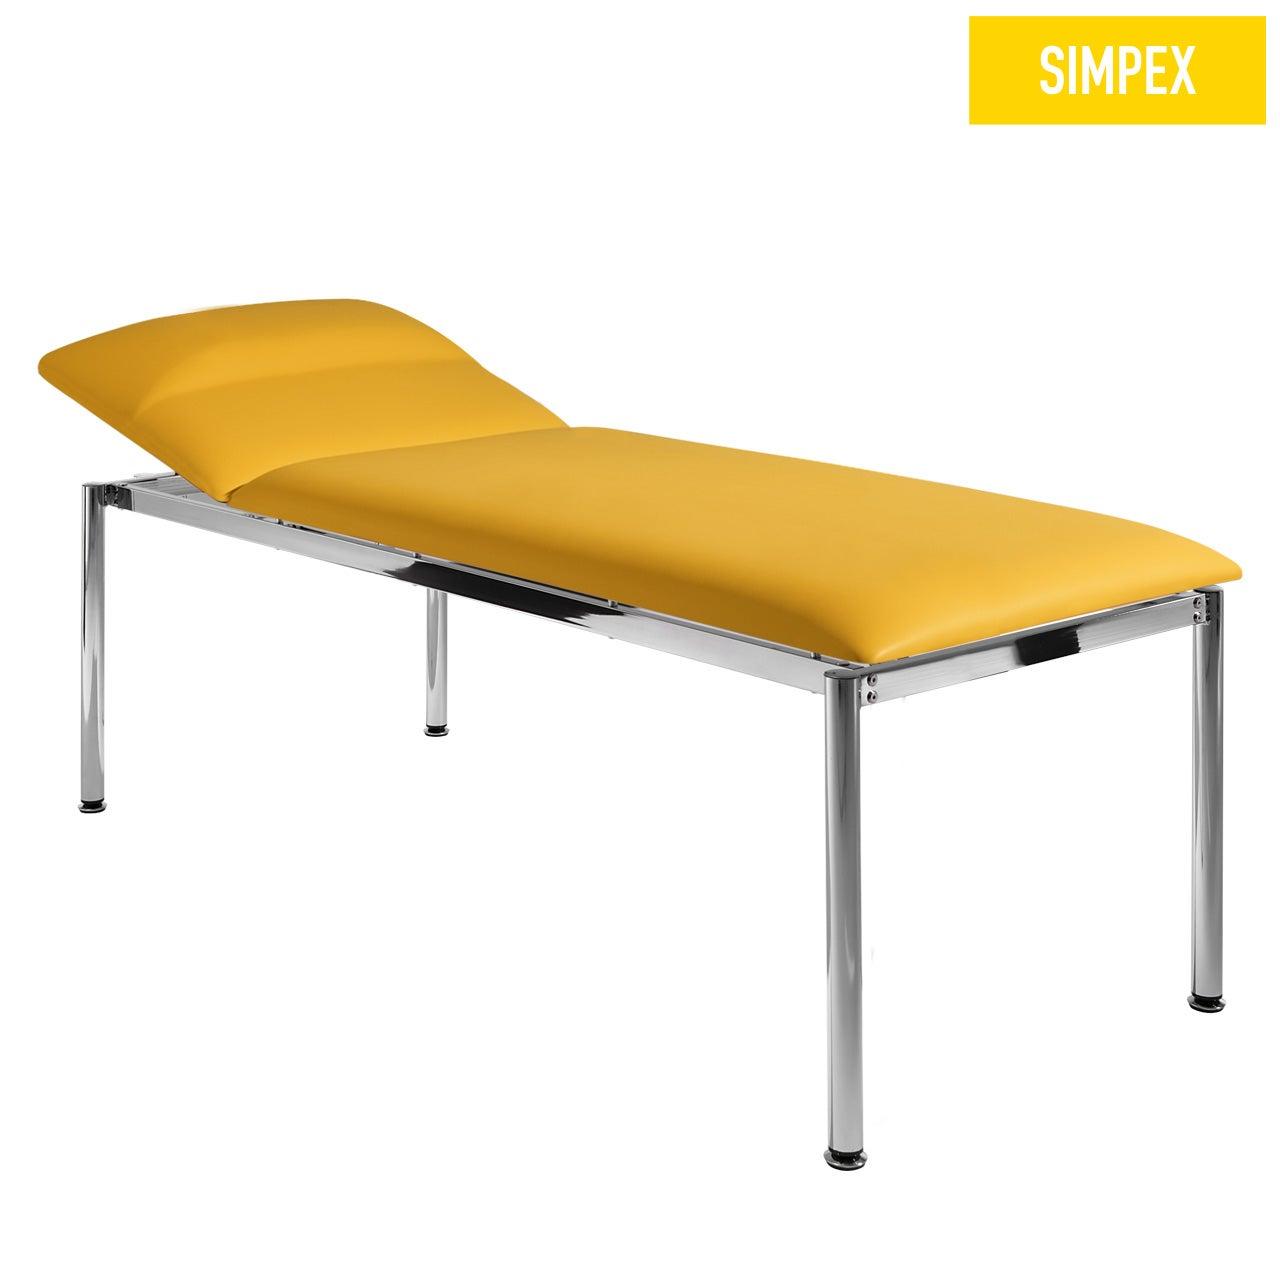 EKG-Designerliege RONDO-MED 80 Classic mit Kunstleder in gelb (mais) und einem Gestell aus Stahl verchromt von SIMPEX